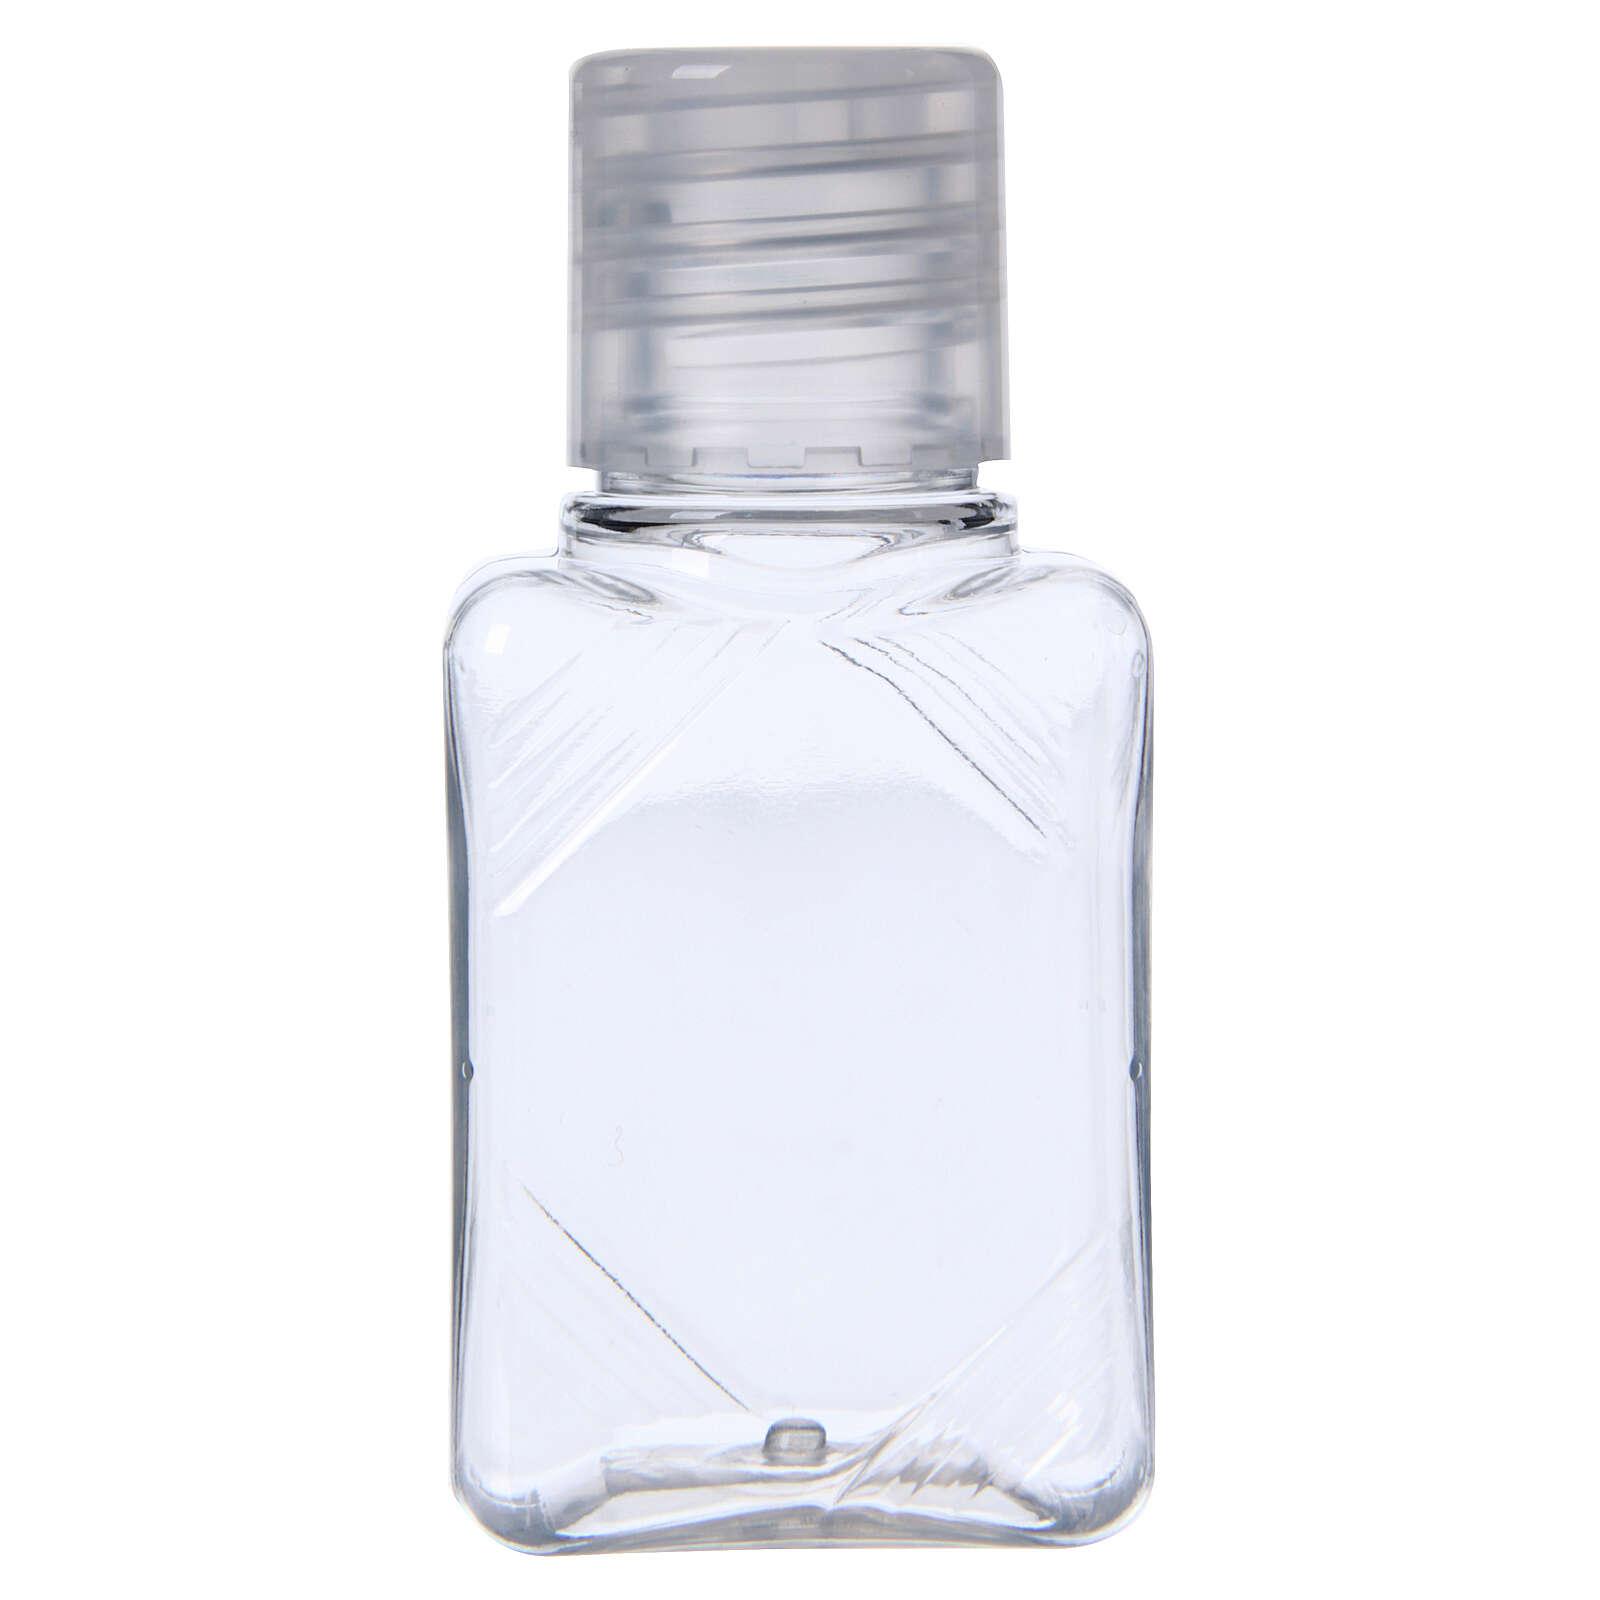 Garrafinhas para Água Benta plástico transparente capacidade 30 ml (EMBALAGEM DE 100 PEÇAS) 3